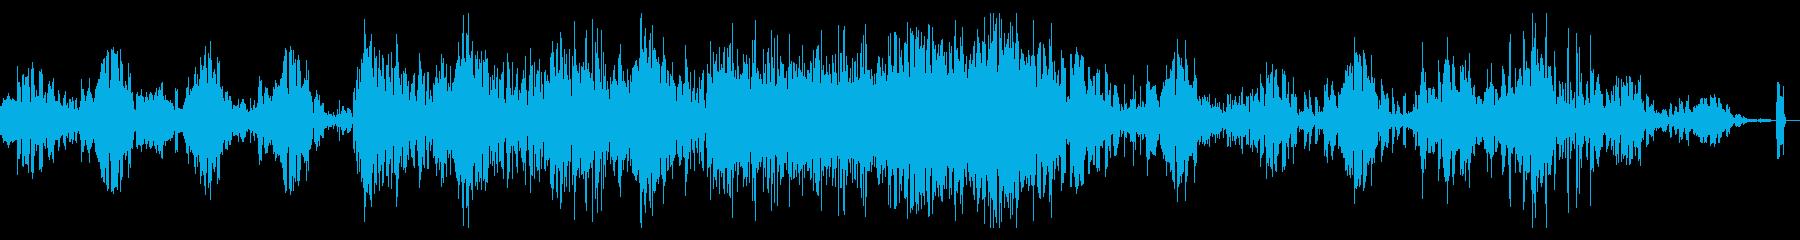 ディープでデジタルなシネマティックBGMの再生済みの波形